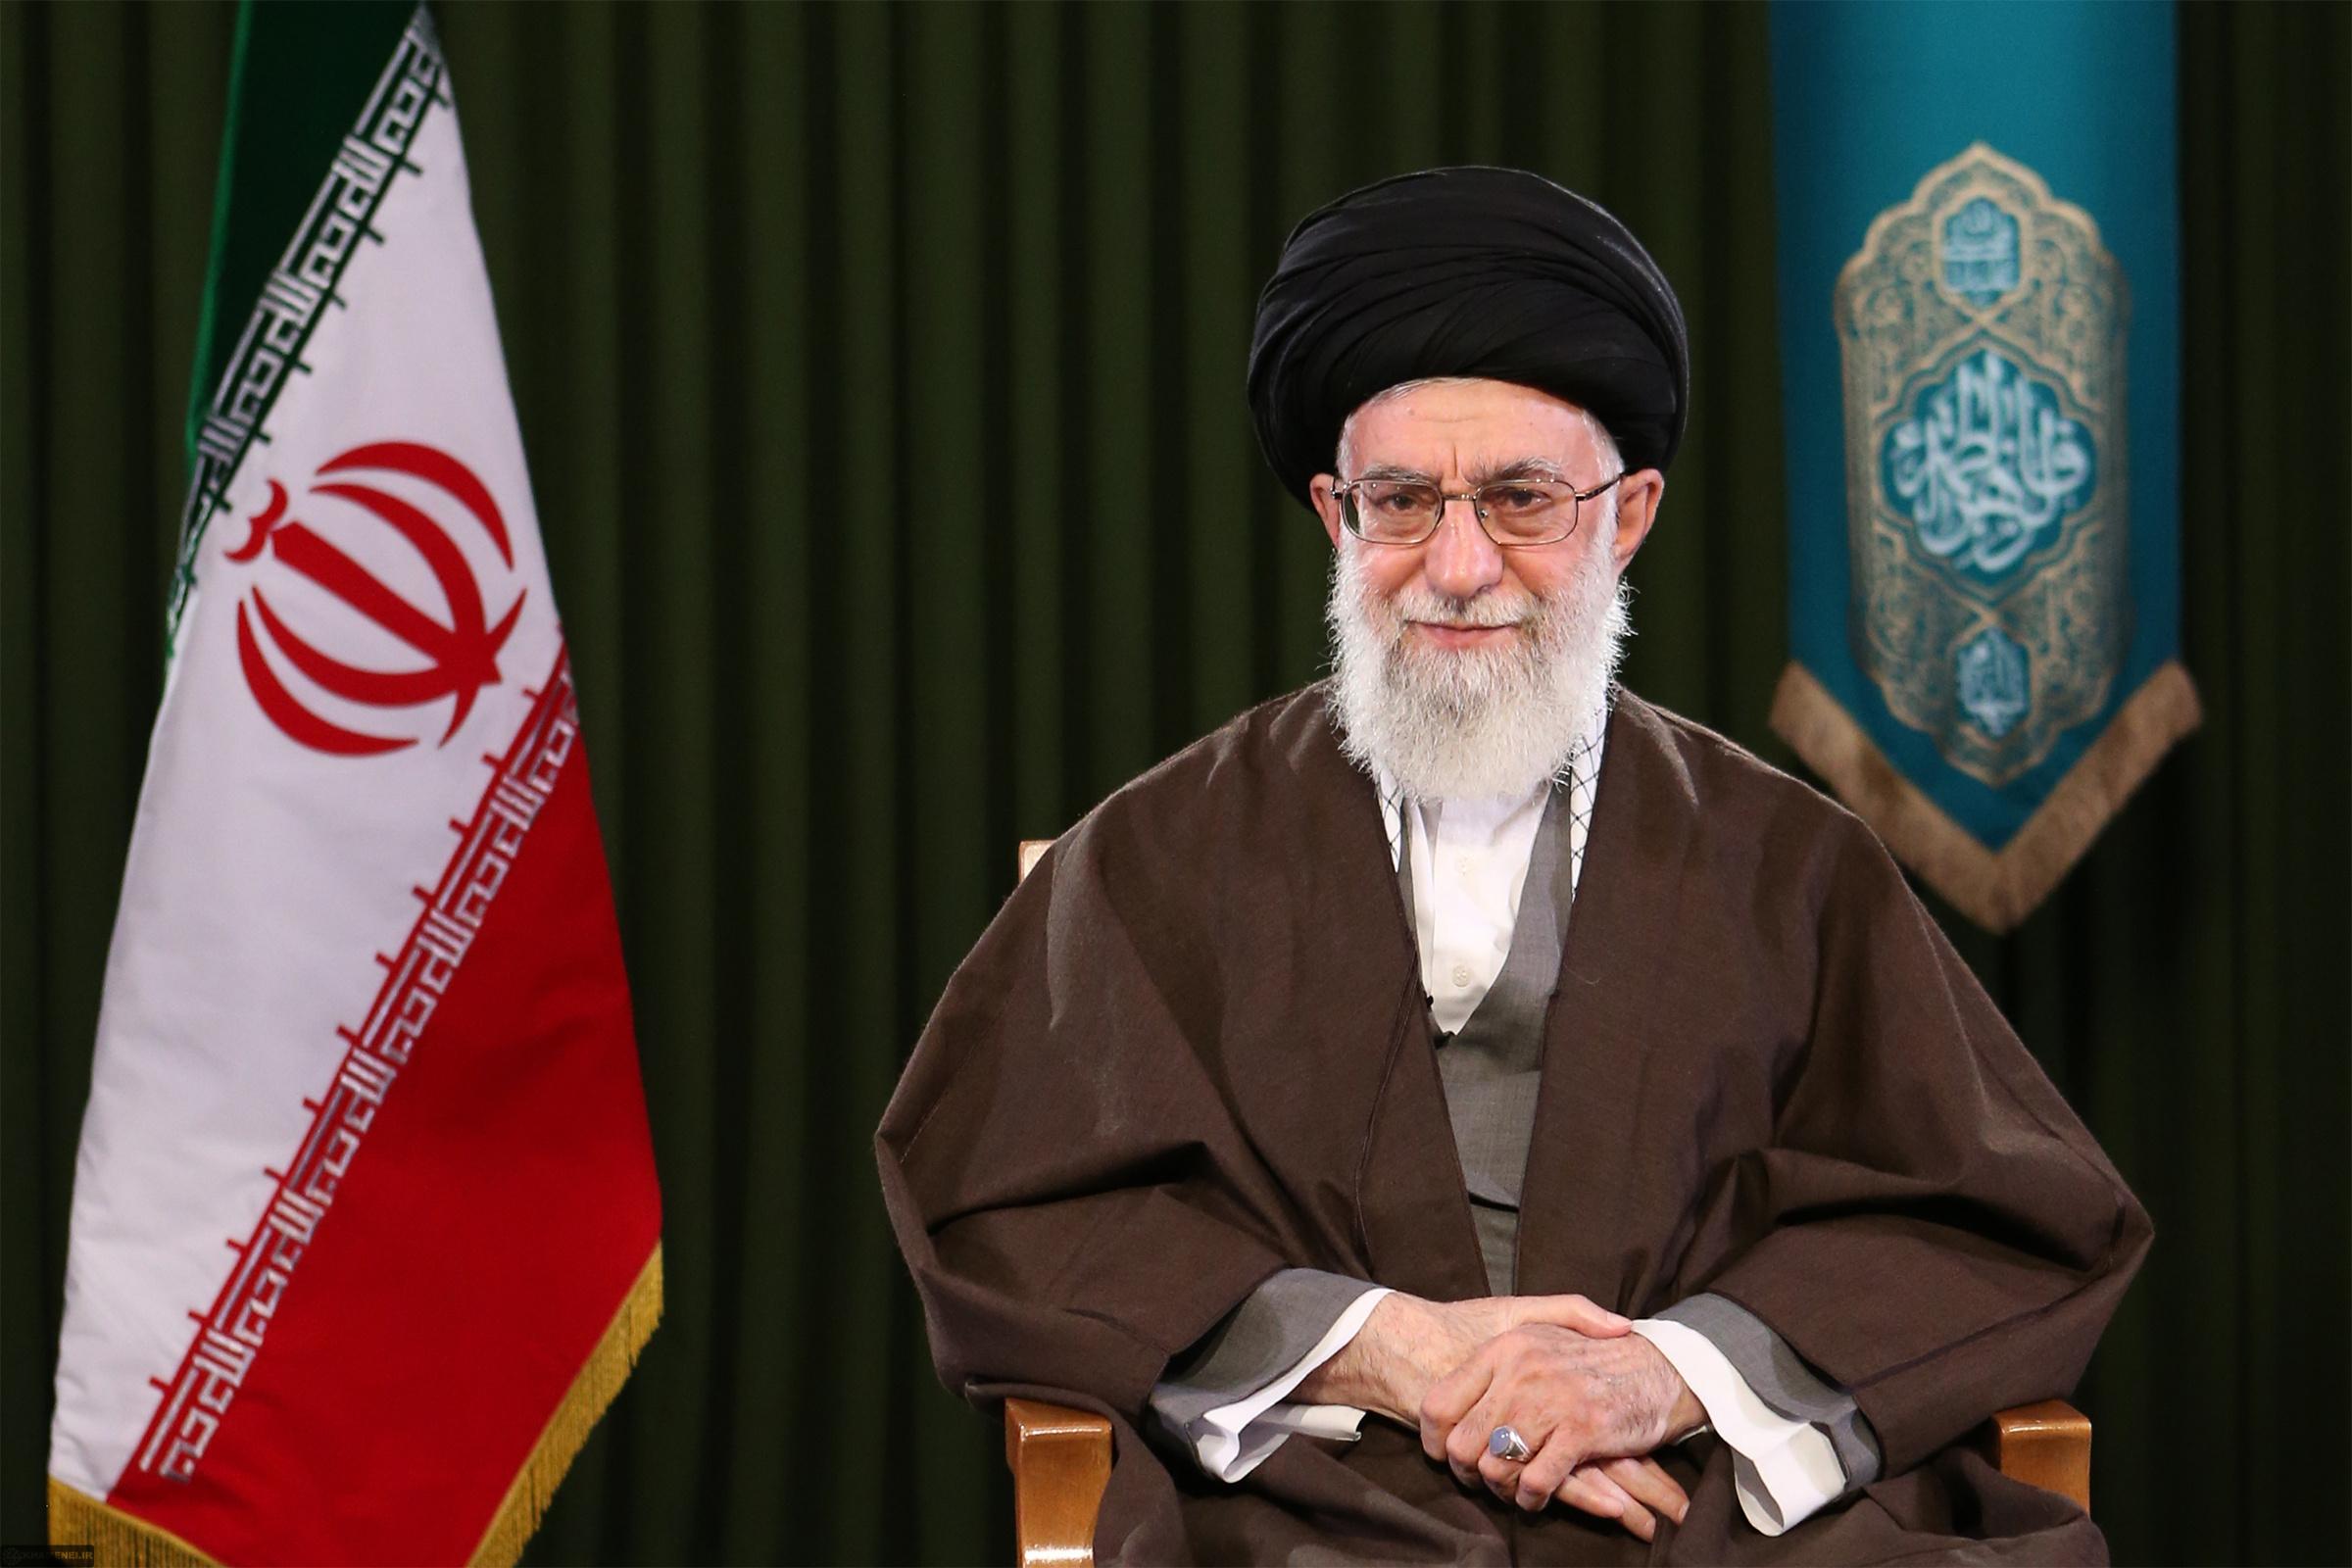 متن کامل درخواست رییس قوه قضاییه از رهبر انقلاب و دستور آیتالله خامنهای درباره برخورد با مفسدان اقتصادی